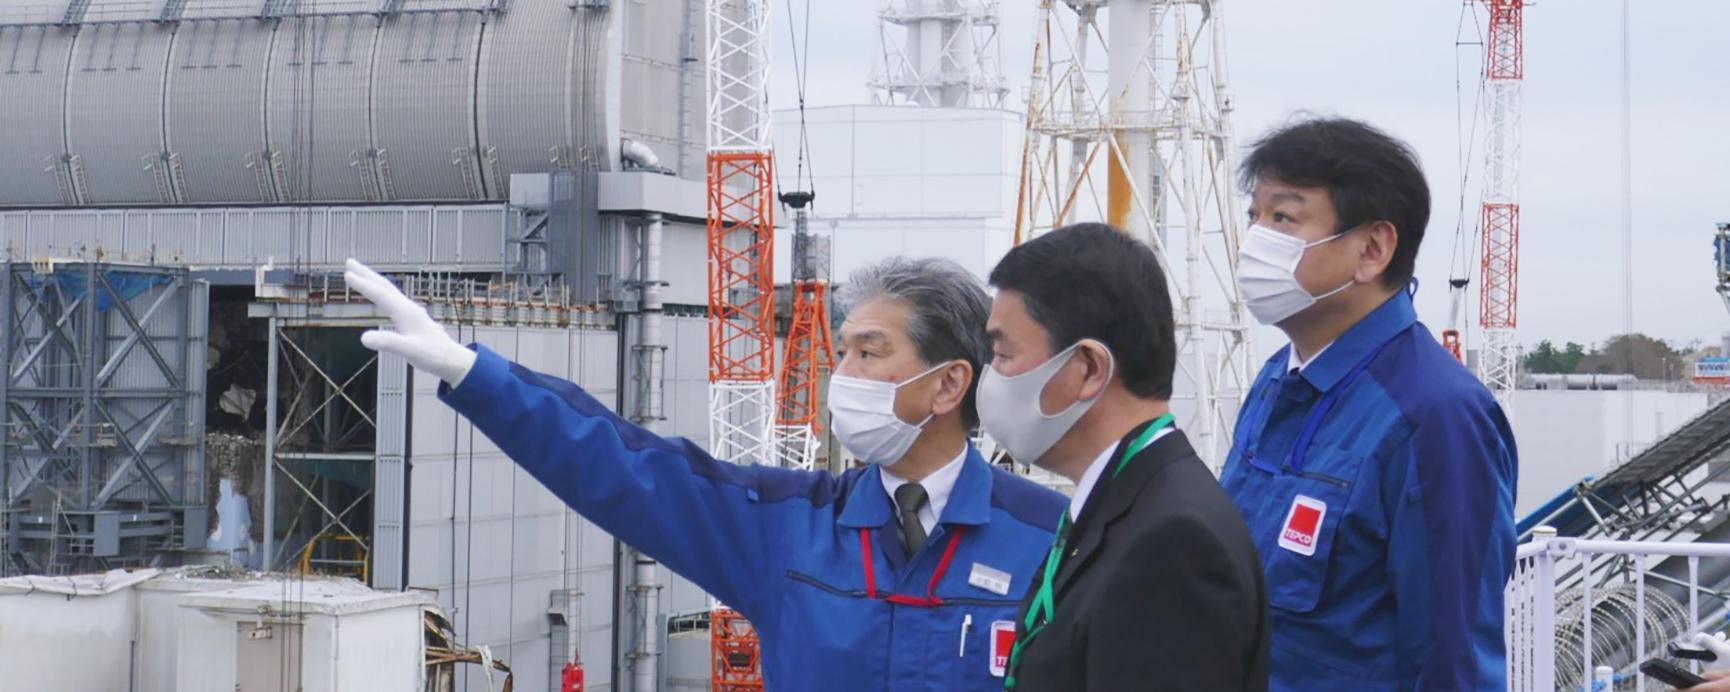 宮城県知事による福島第一原子力発電所の視察